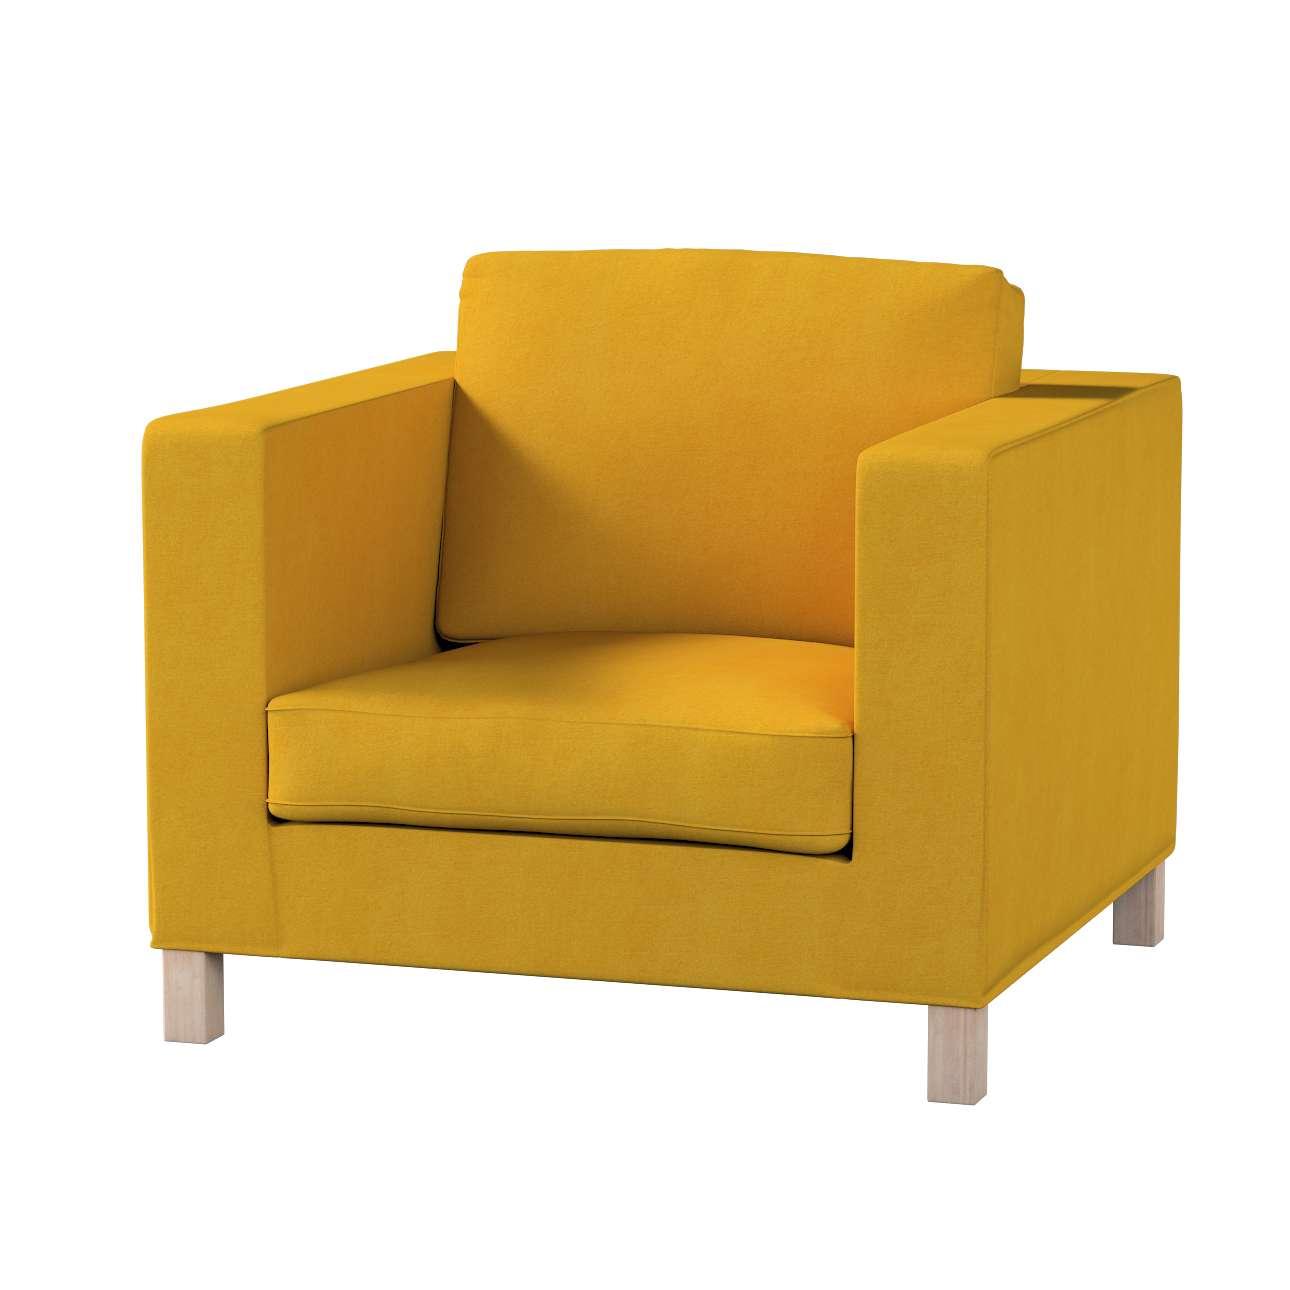 KARLANDA fotelio užvalkalas KARLANDA fotelio užvalkalas kolekcijoje Etna , audinys: 705-04